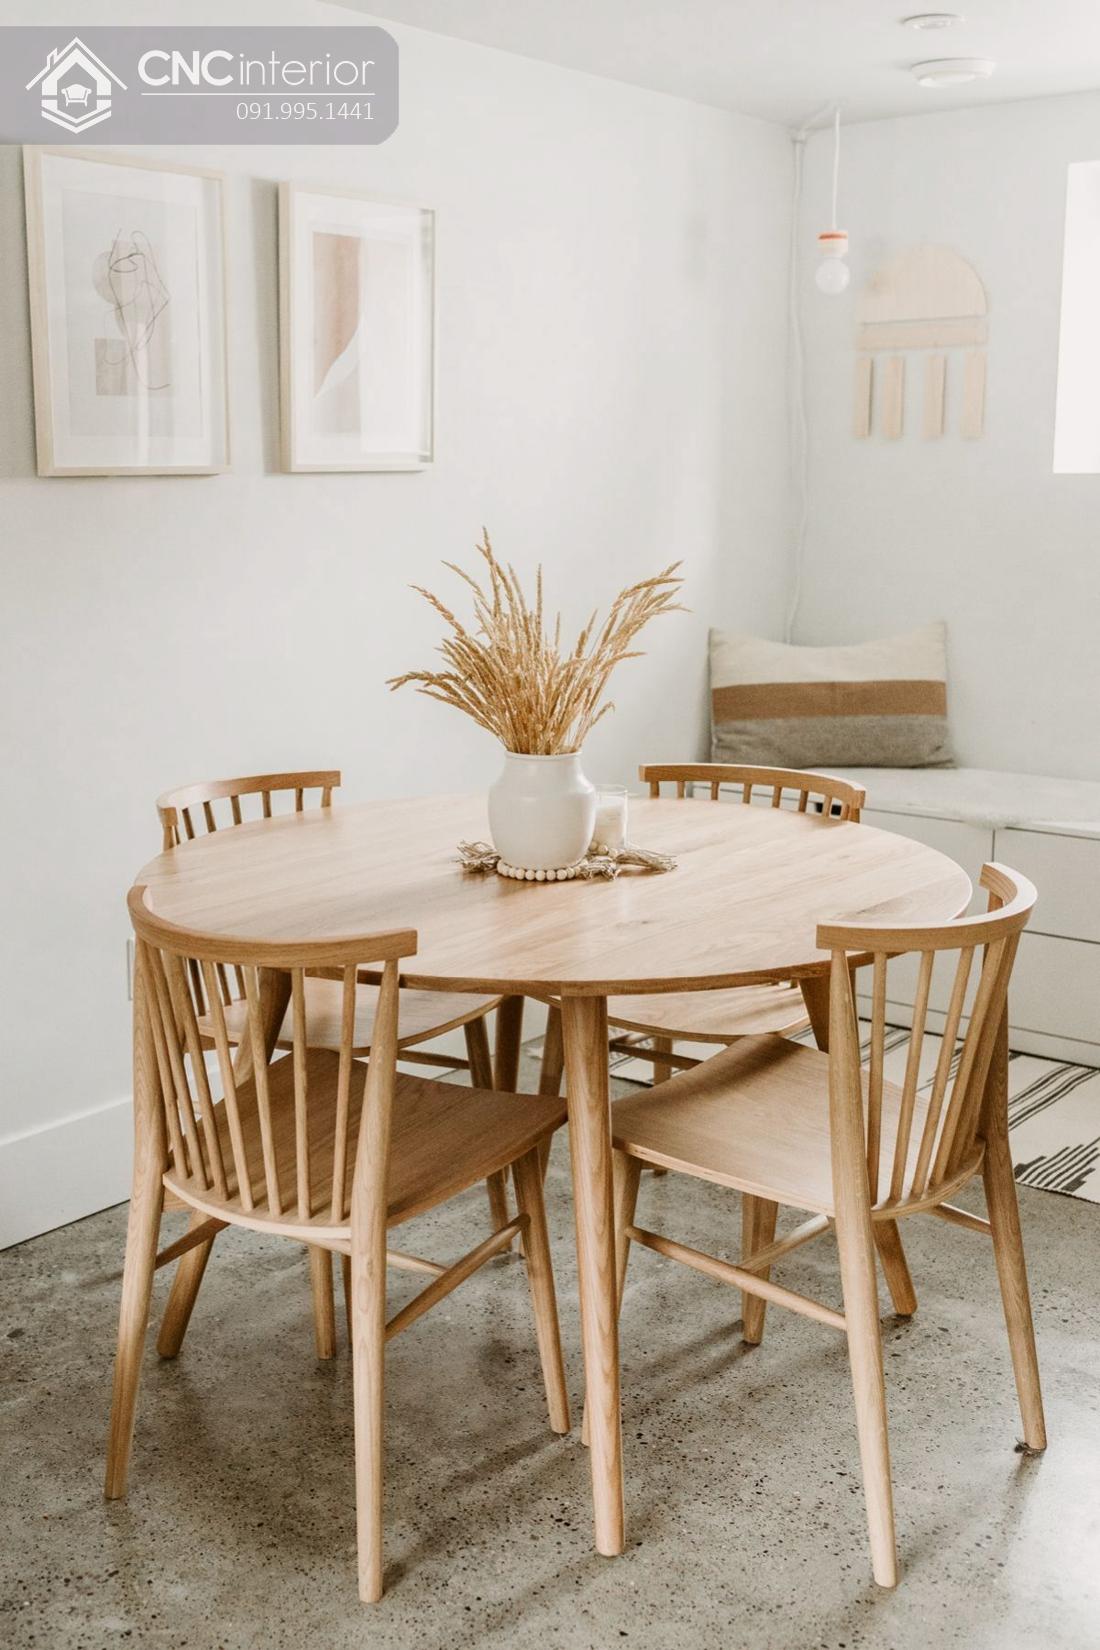 kích thước bàn ăn 4 người 5